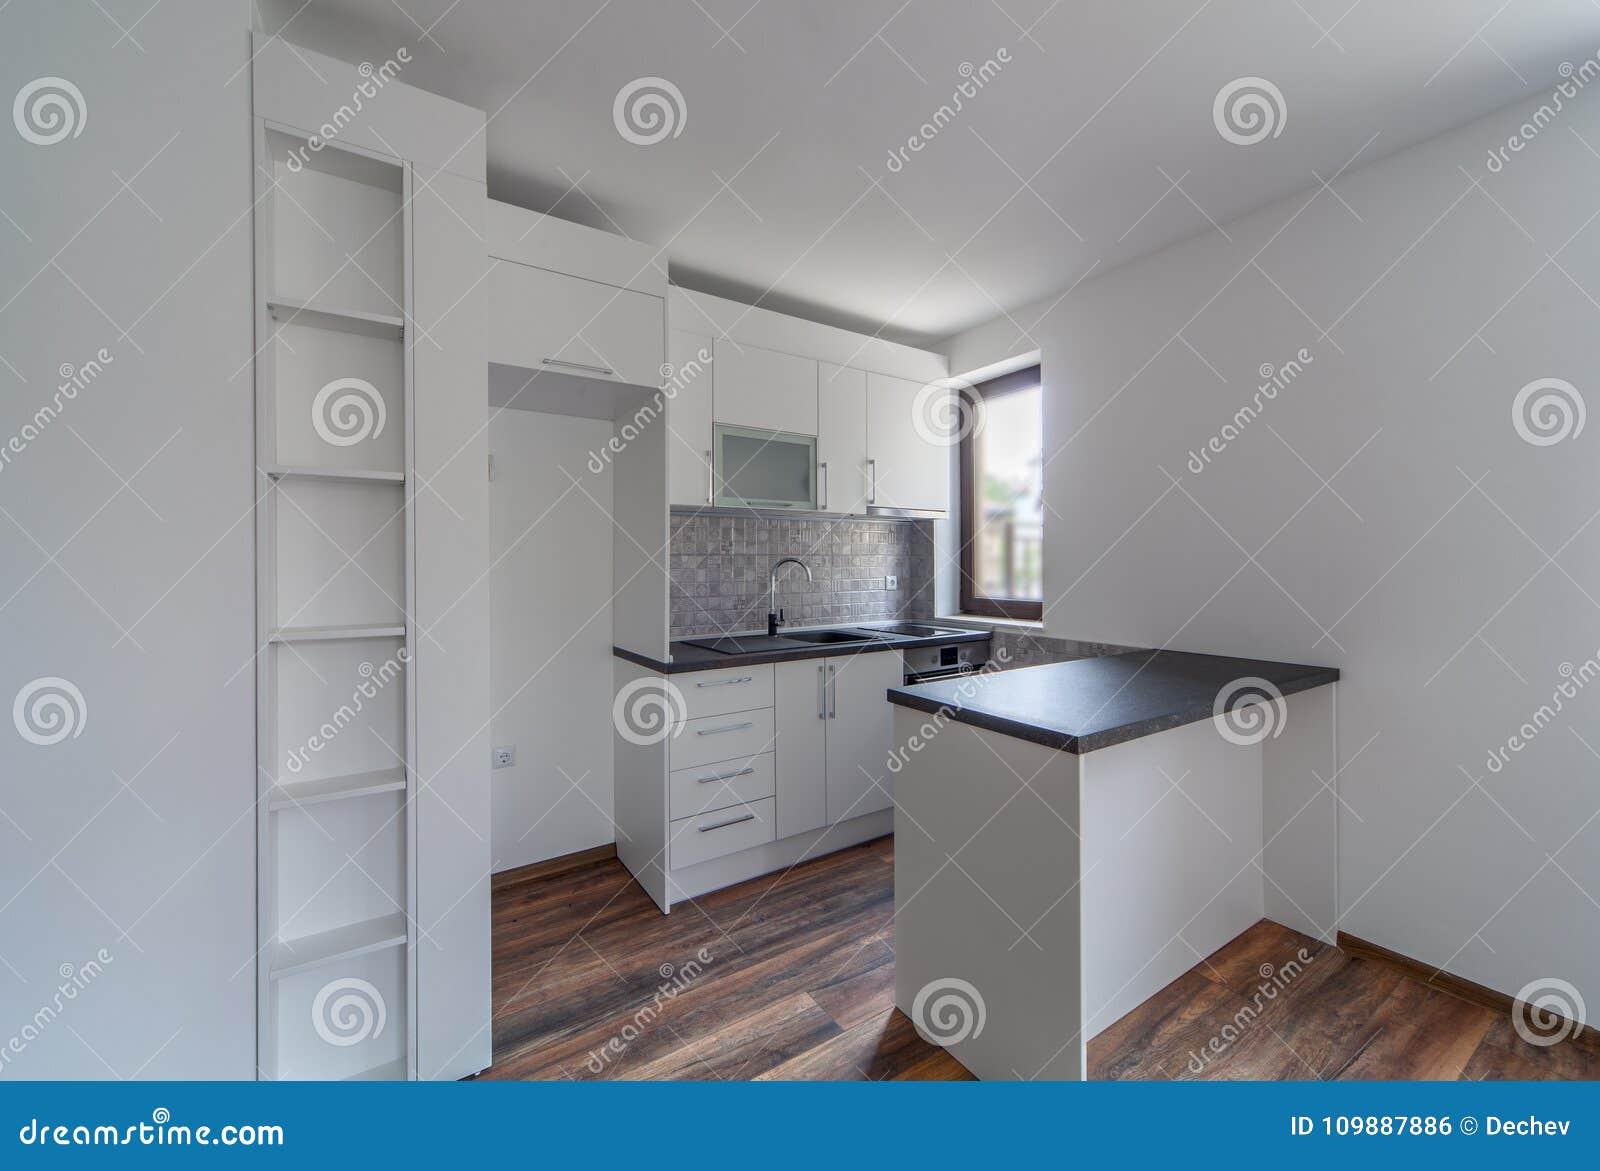 Fußboden Erneuern Ohne Küchenumbau ~ Fußboden zu weißer küche weiße küche mit dunklem fußboden u